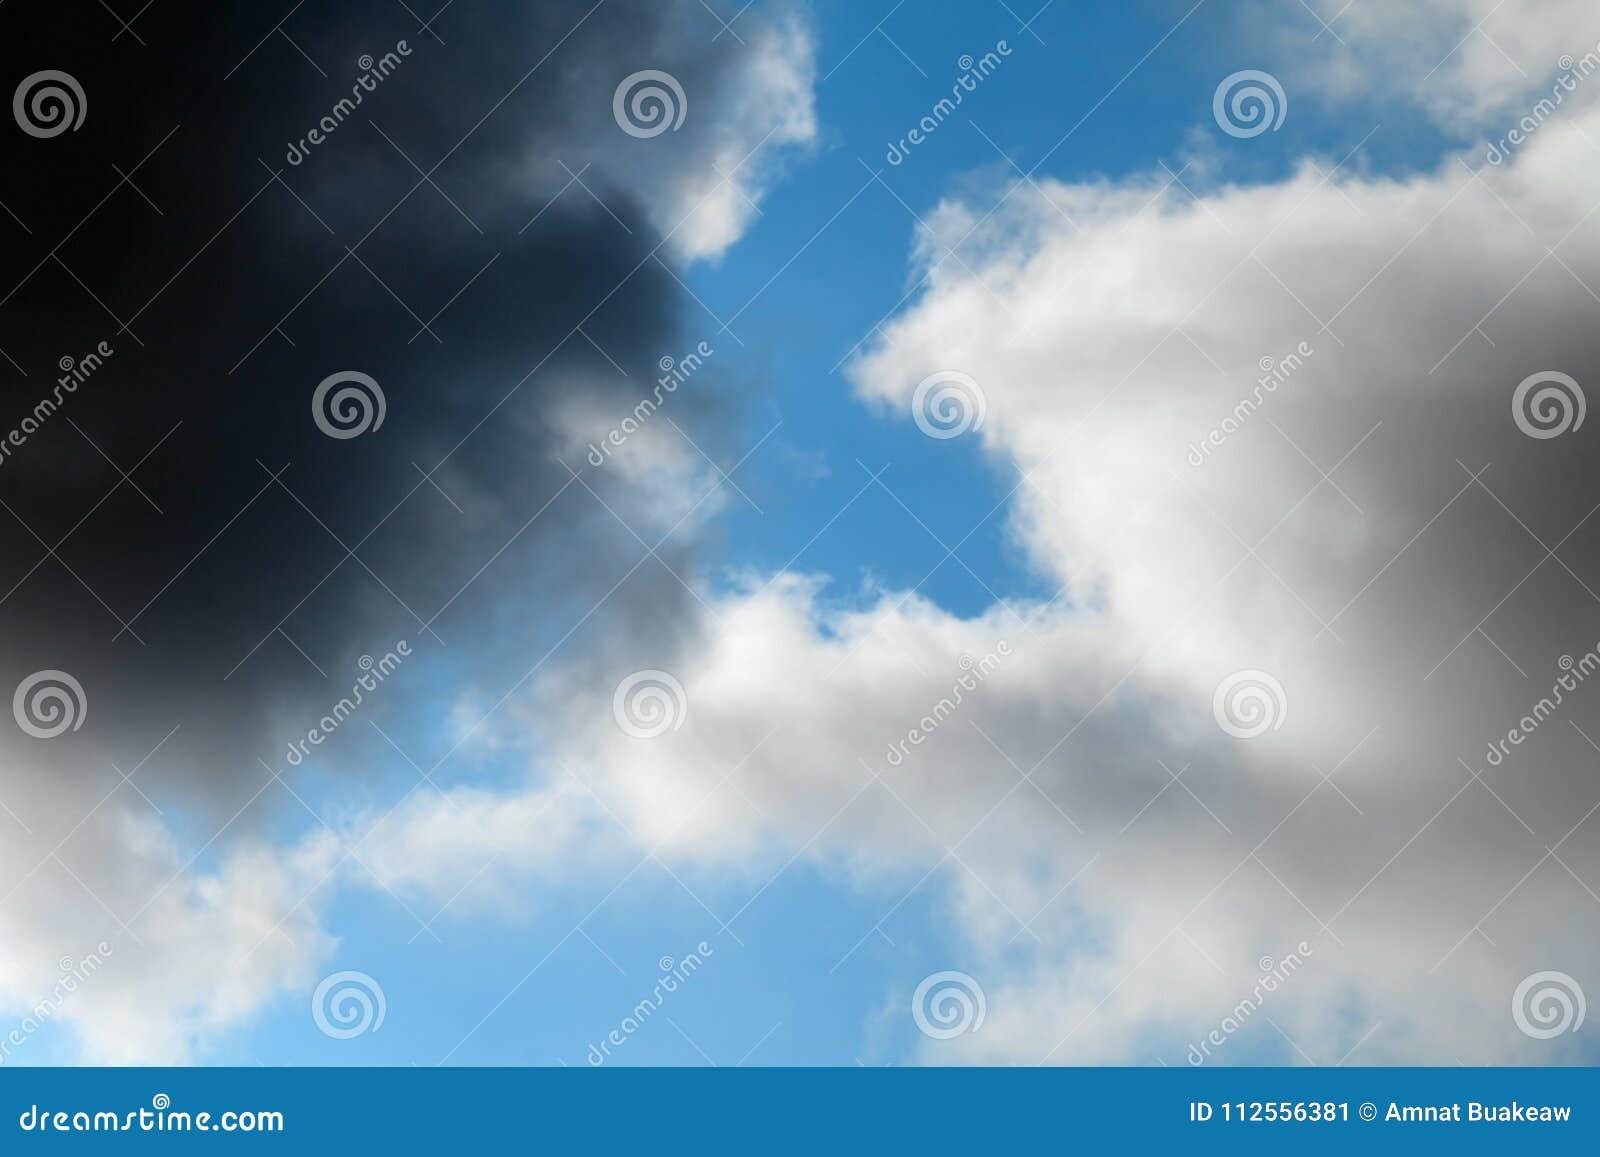 Ο ουρανός του σκοτεινού σύννεφου επρόκειτο να βρέξει και καταιγίδα